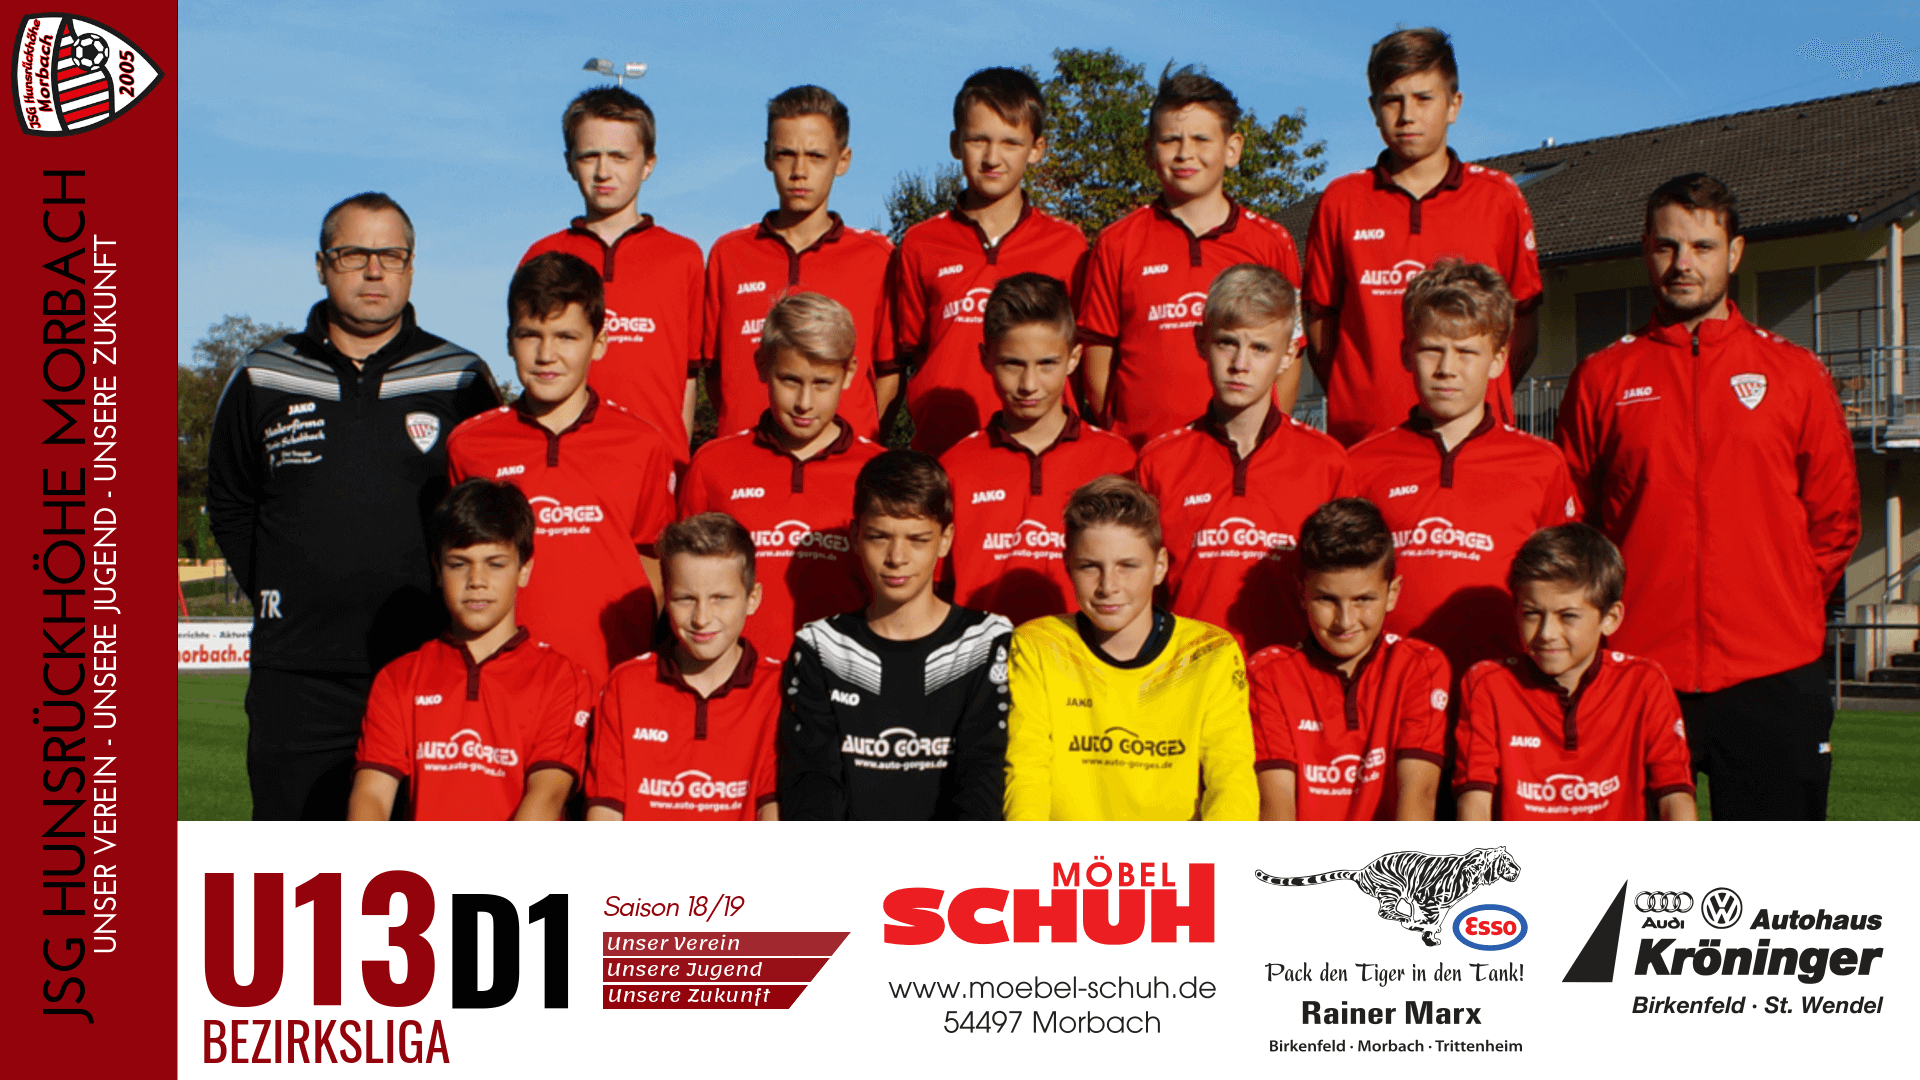 U13 D1: Vorbericht ~ JSG Hunsrückhöhe Morbach – FC Trier ~ Sa., 25.05.2019 14:00 Uhr